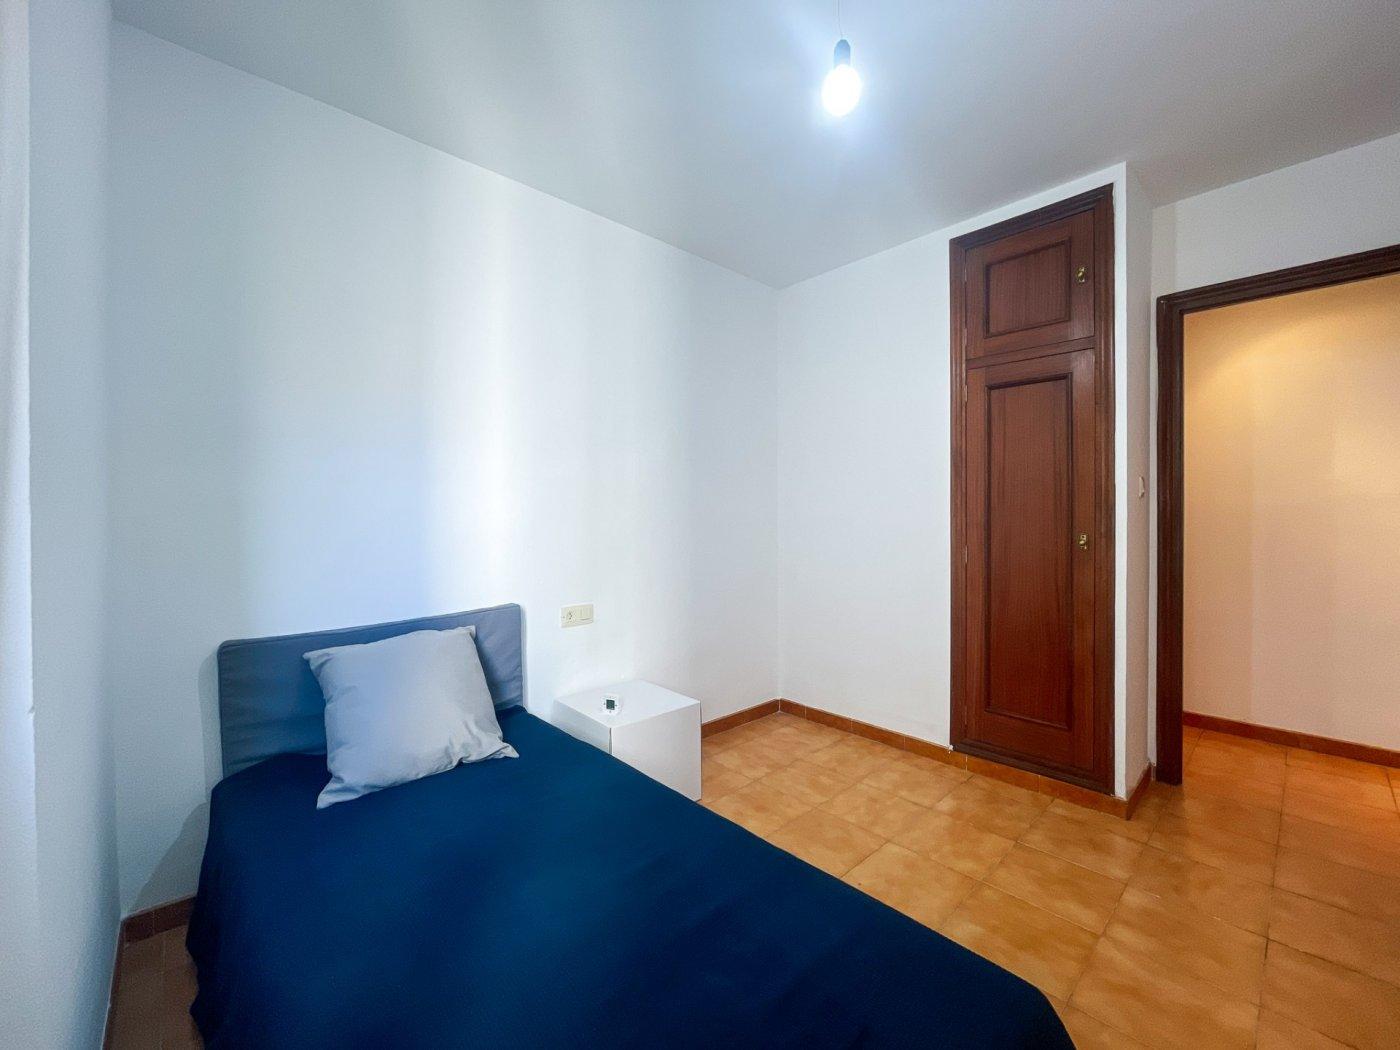 Estupendo piso muy soleado en plena avenida de la hispanidad de alcoy!! - imagenInmueble22